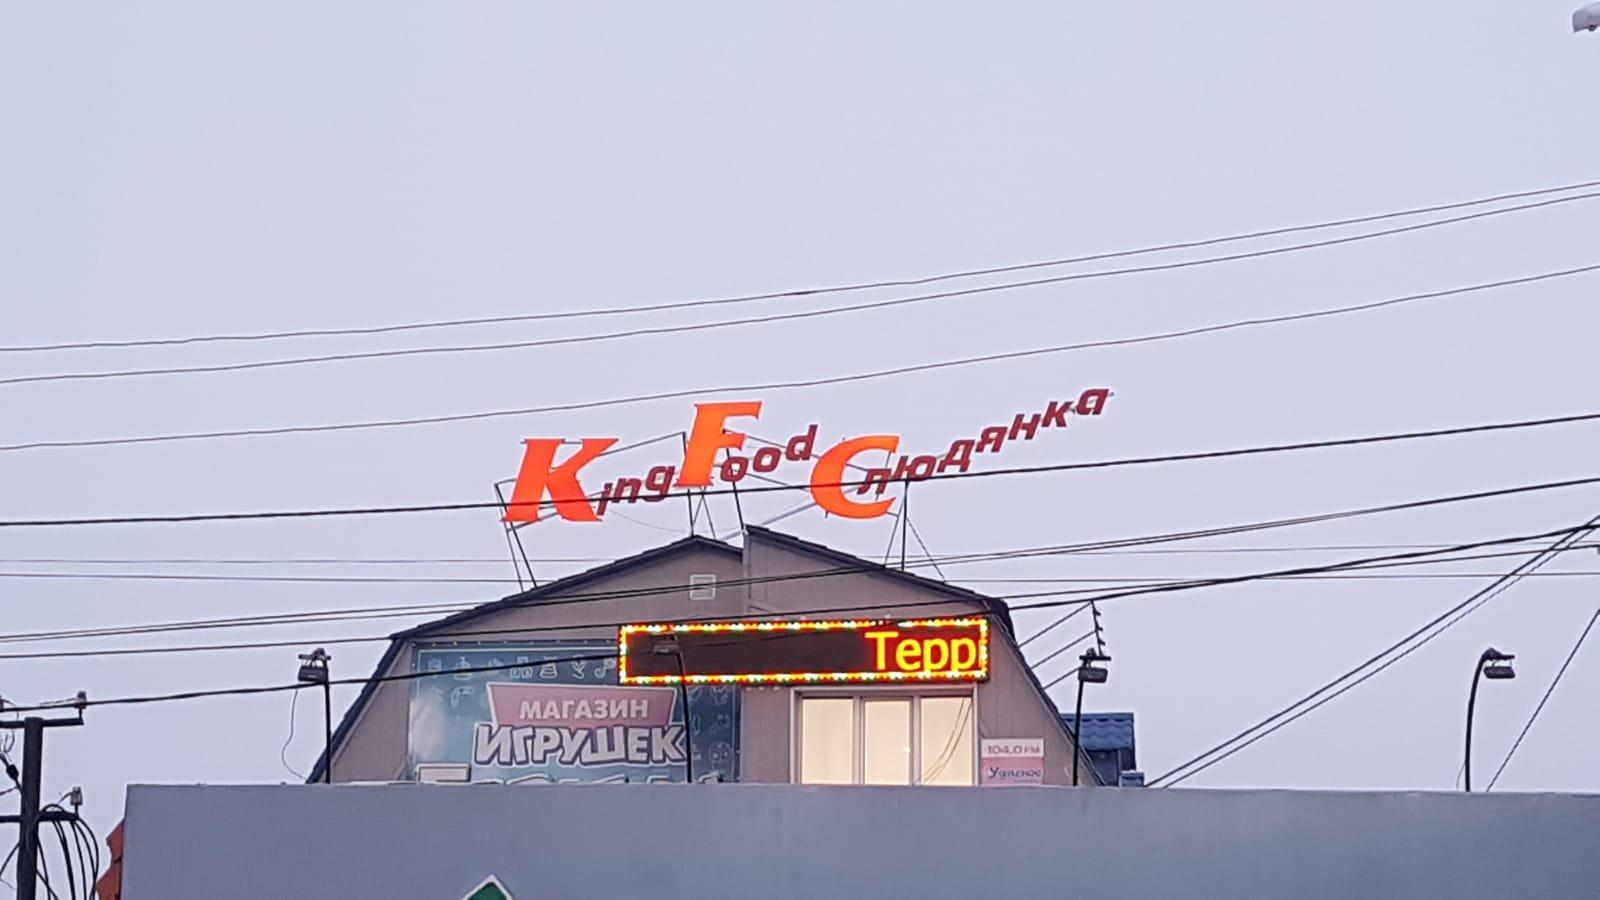 KFC Sljudjanka